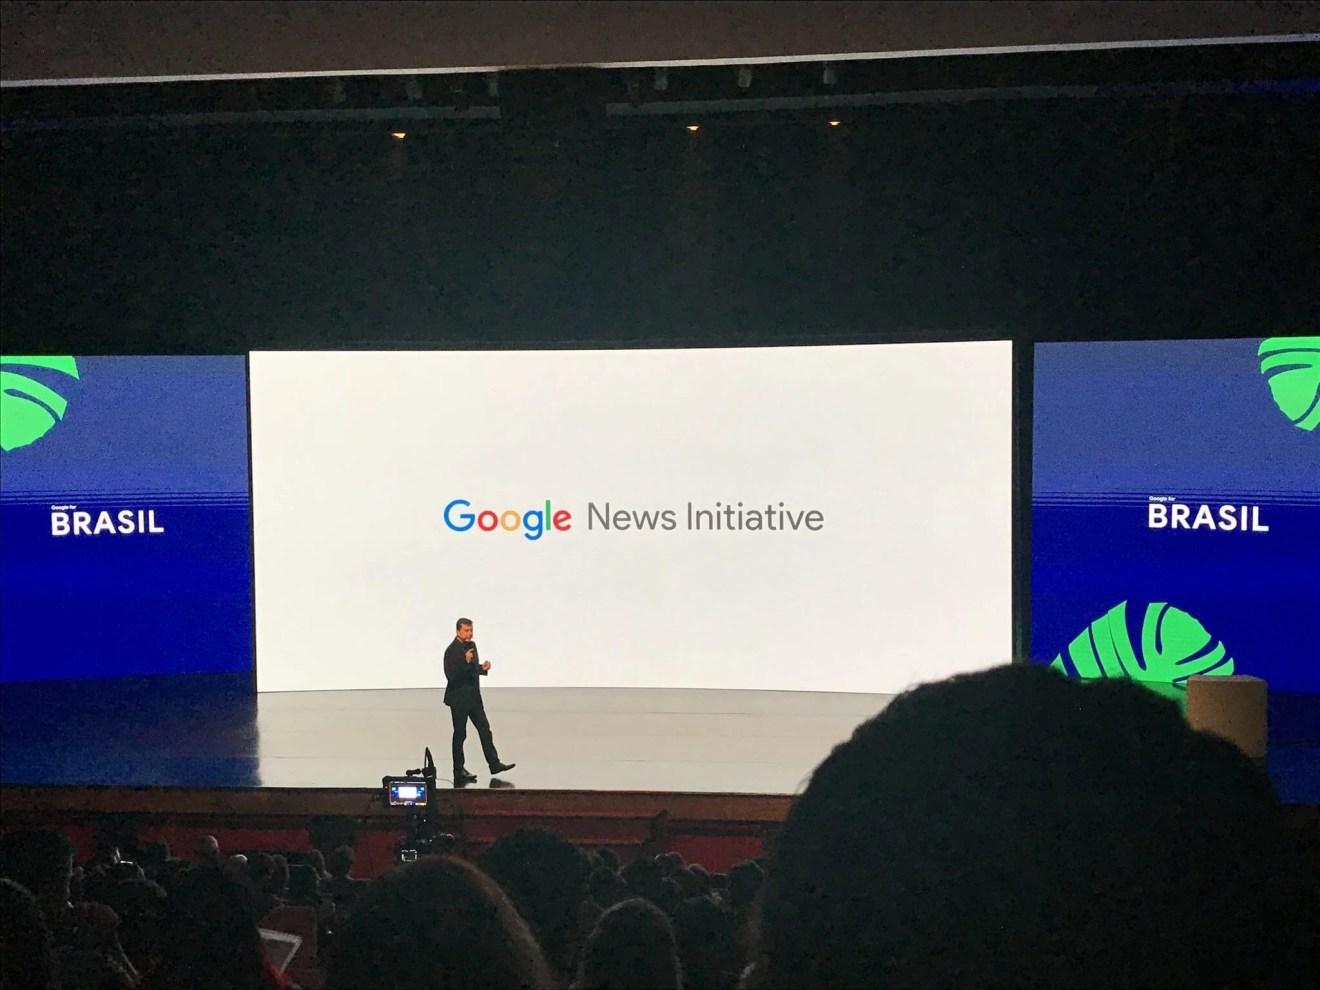 IMG 8762 e1528393350733 - Google For Brasil é marcado por muitas novidades